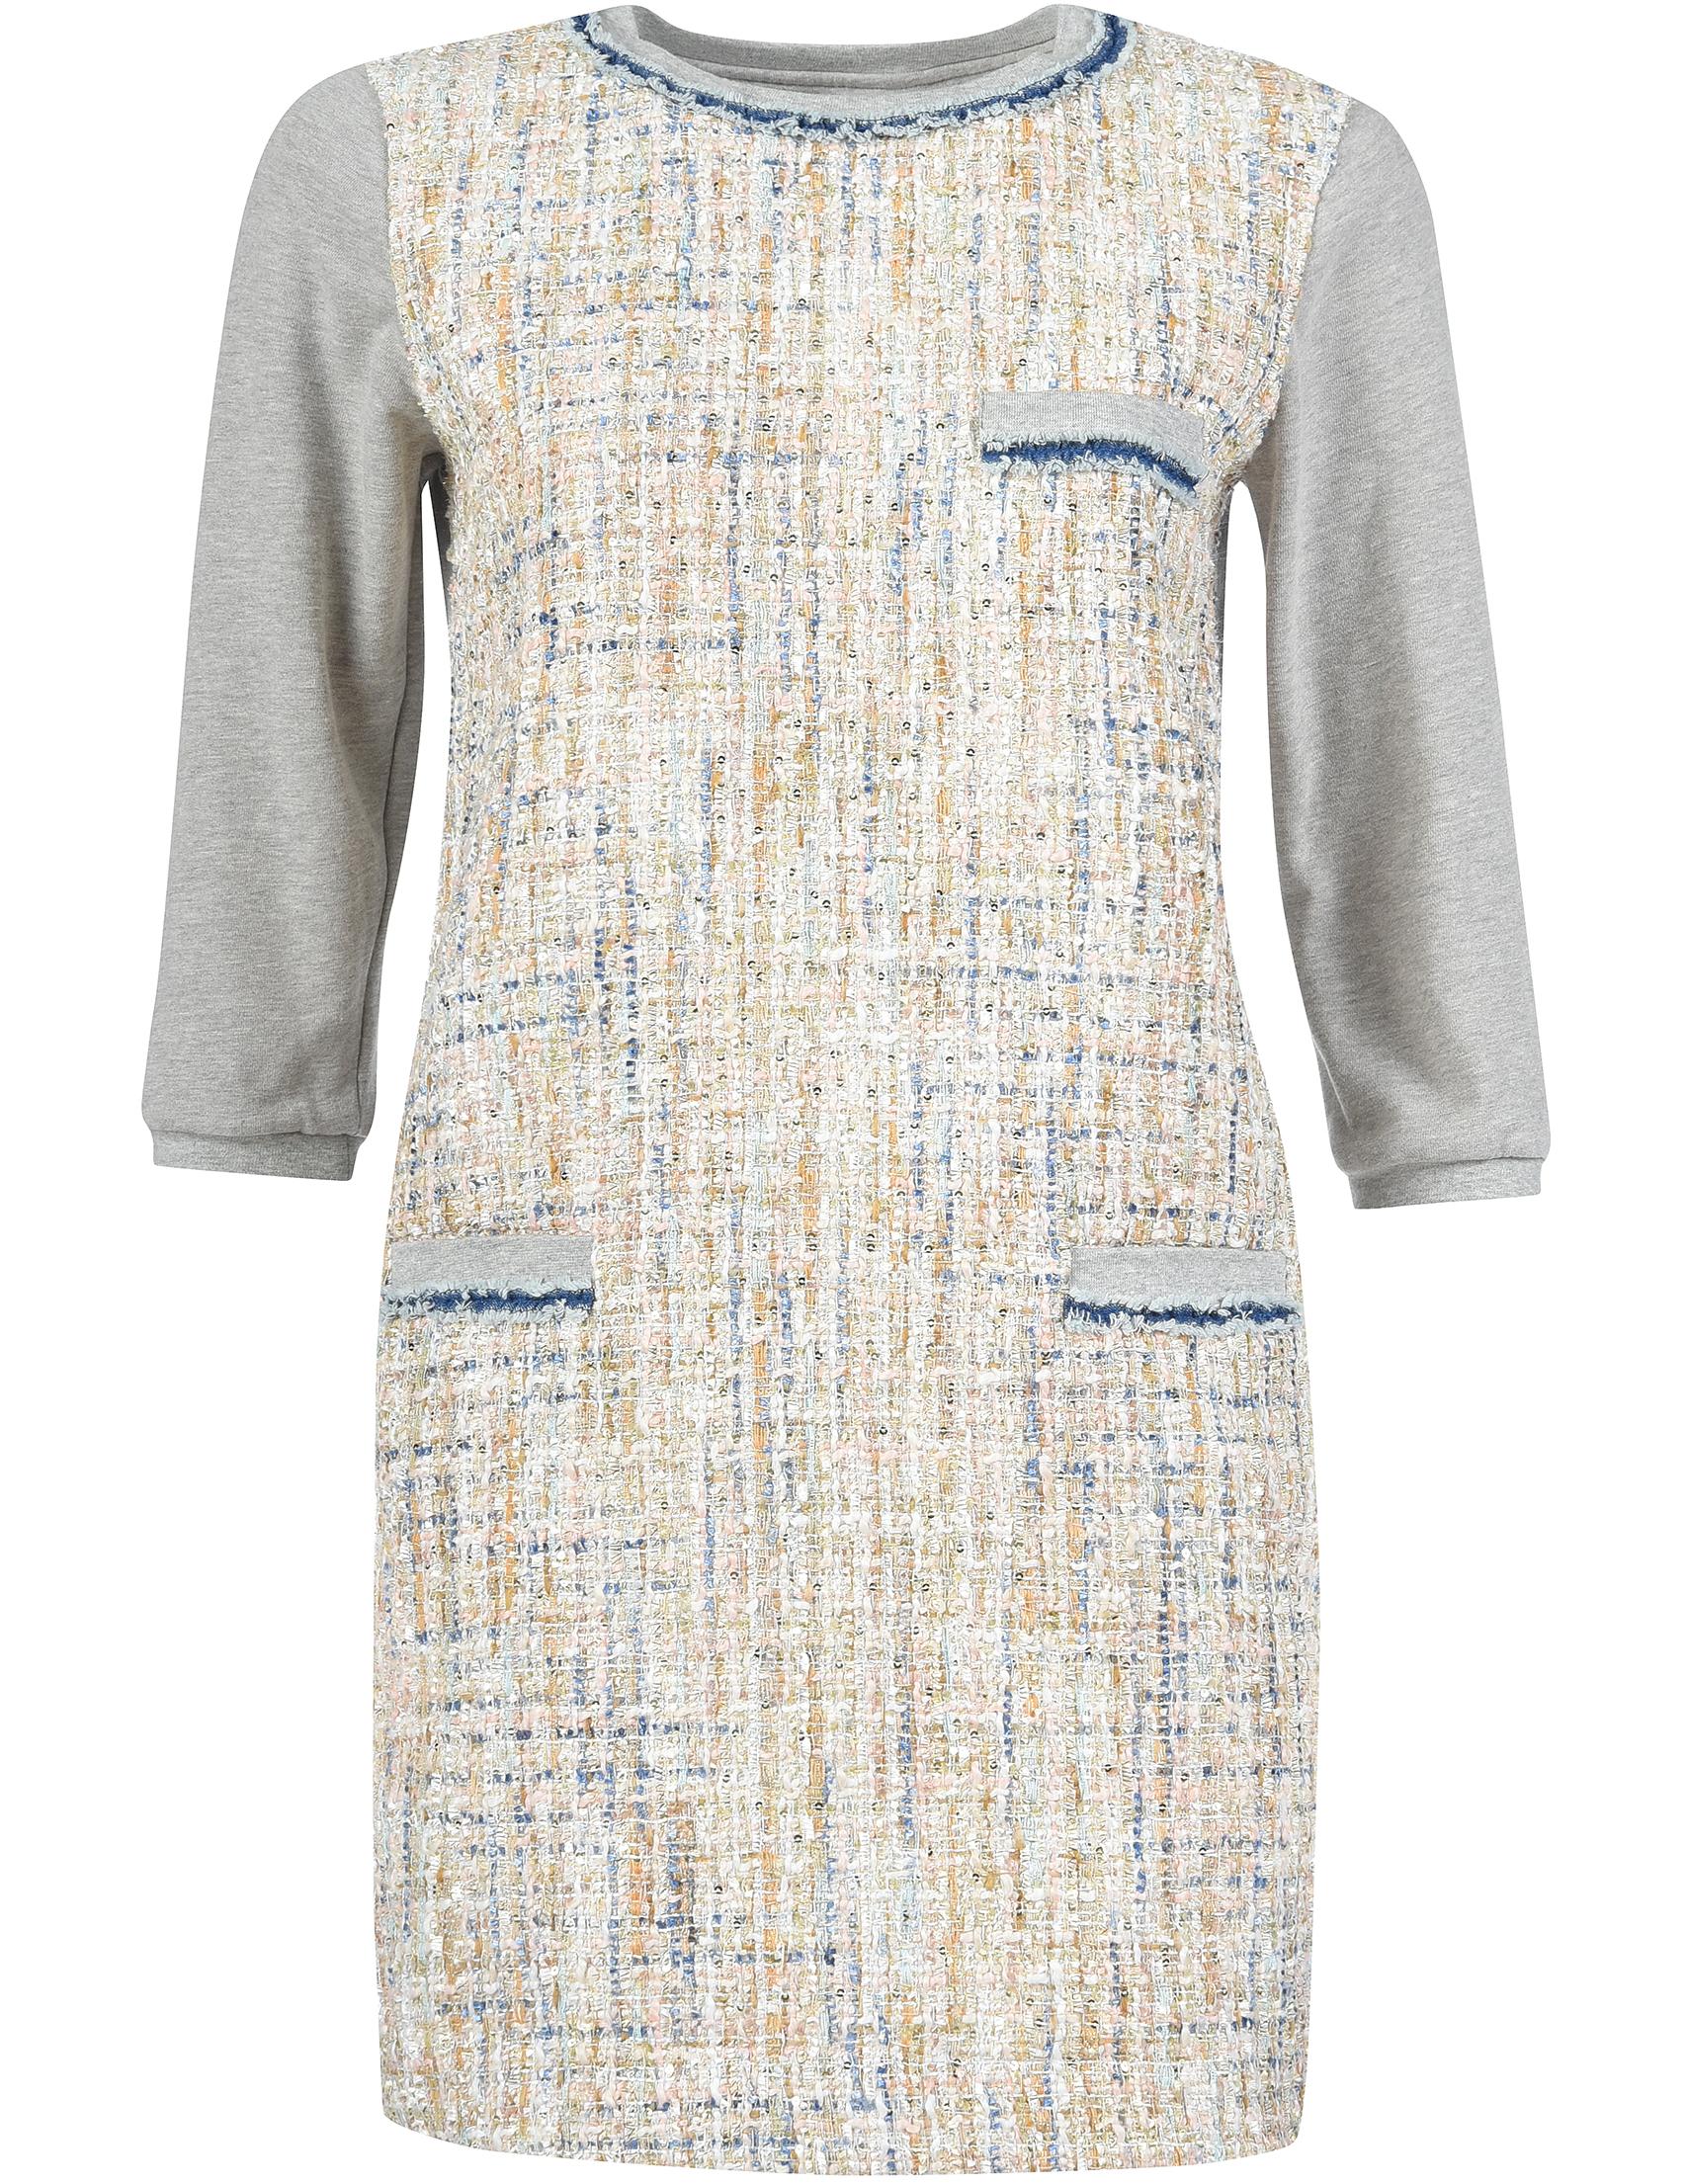 Купить Платье, TWIN-SET, Серый, 100%Хлопок;72%Полиэстер 11%Хлопок 10%Викоза 4%Ацетат 3%Полиэстер, Осень-Зима